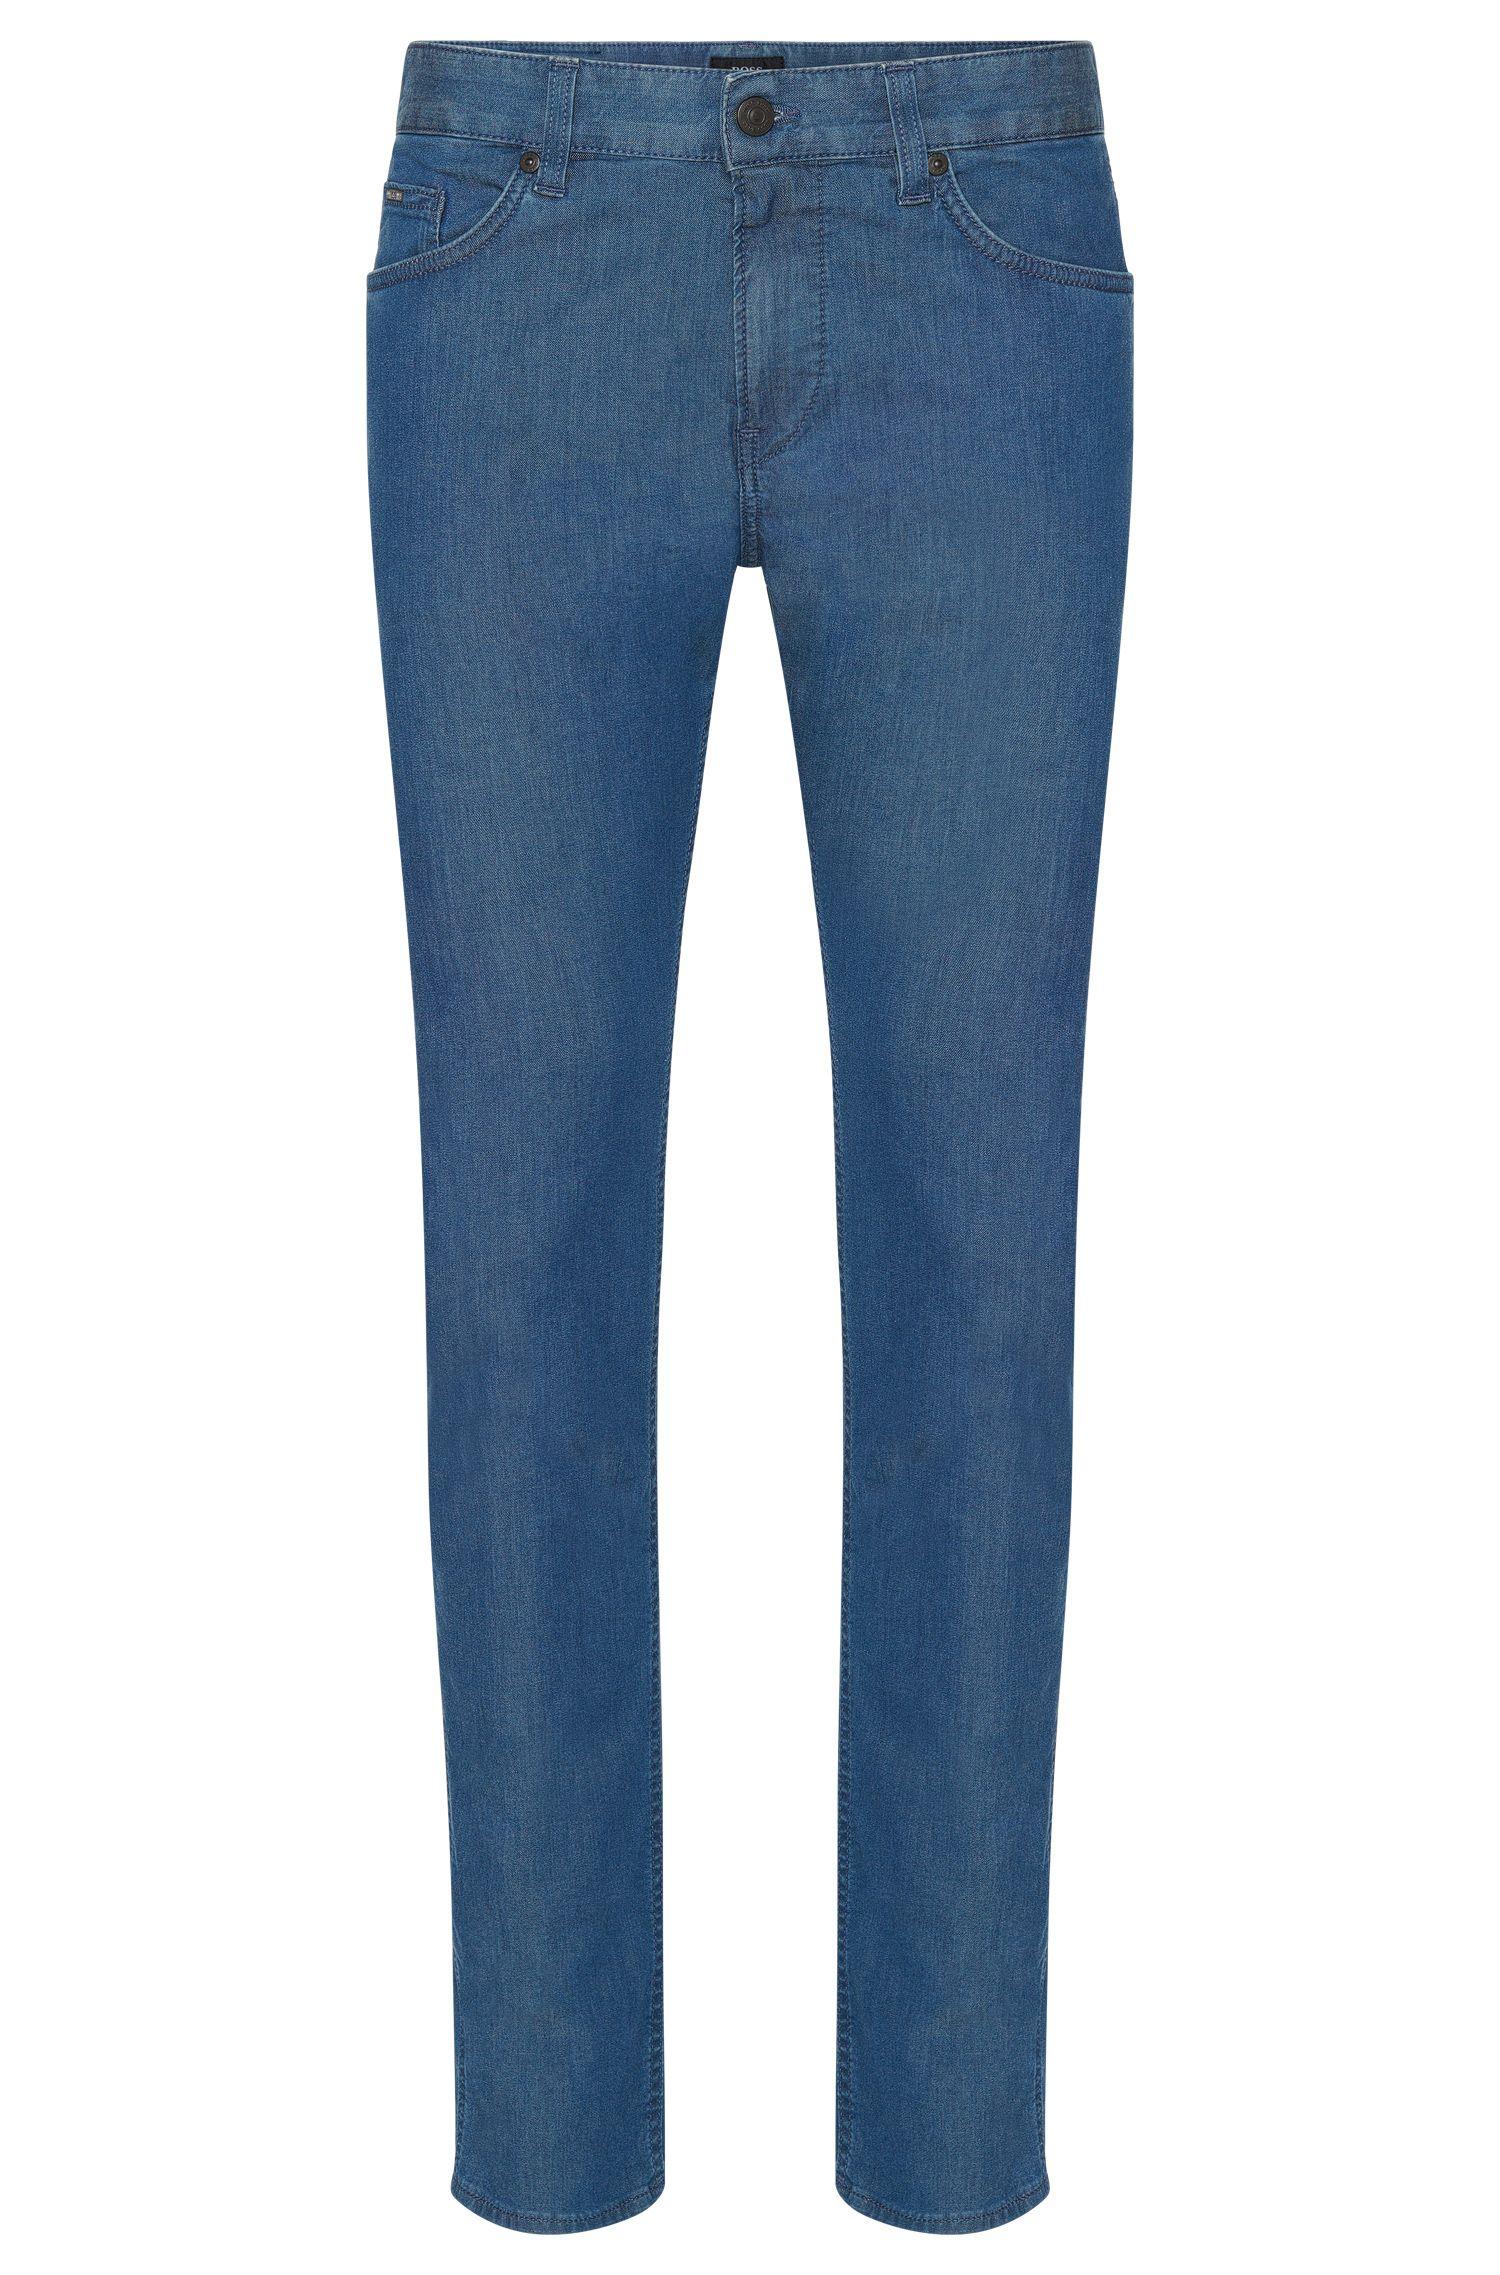 Jeans Slim Fit en coton stretch à la finition rinsed: «Delaware3»